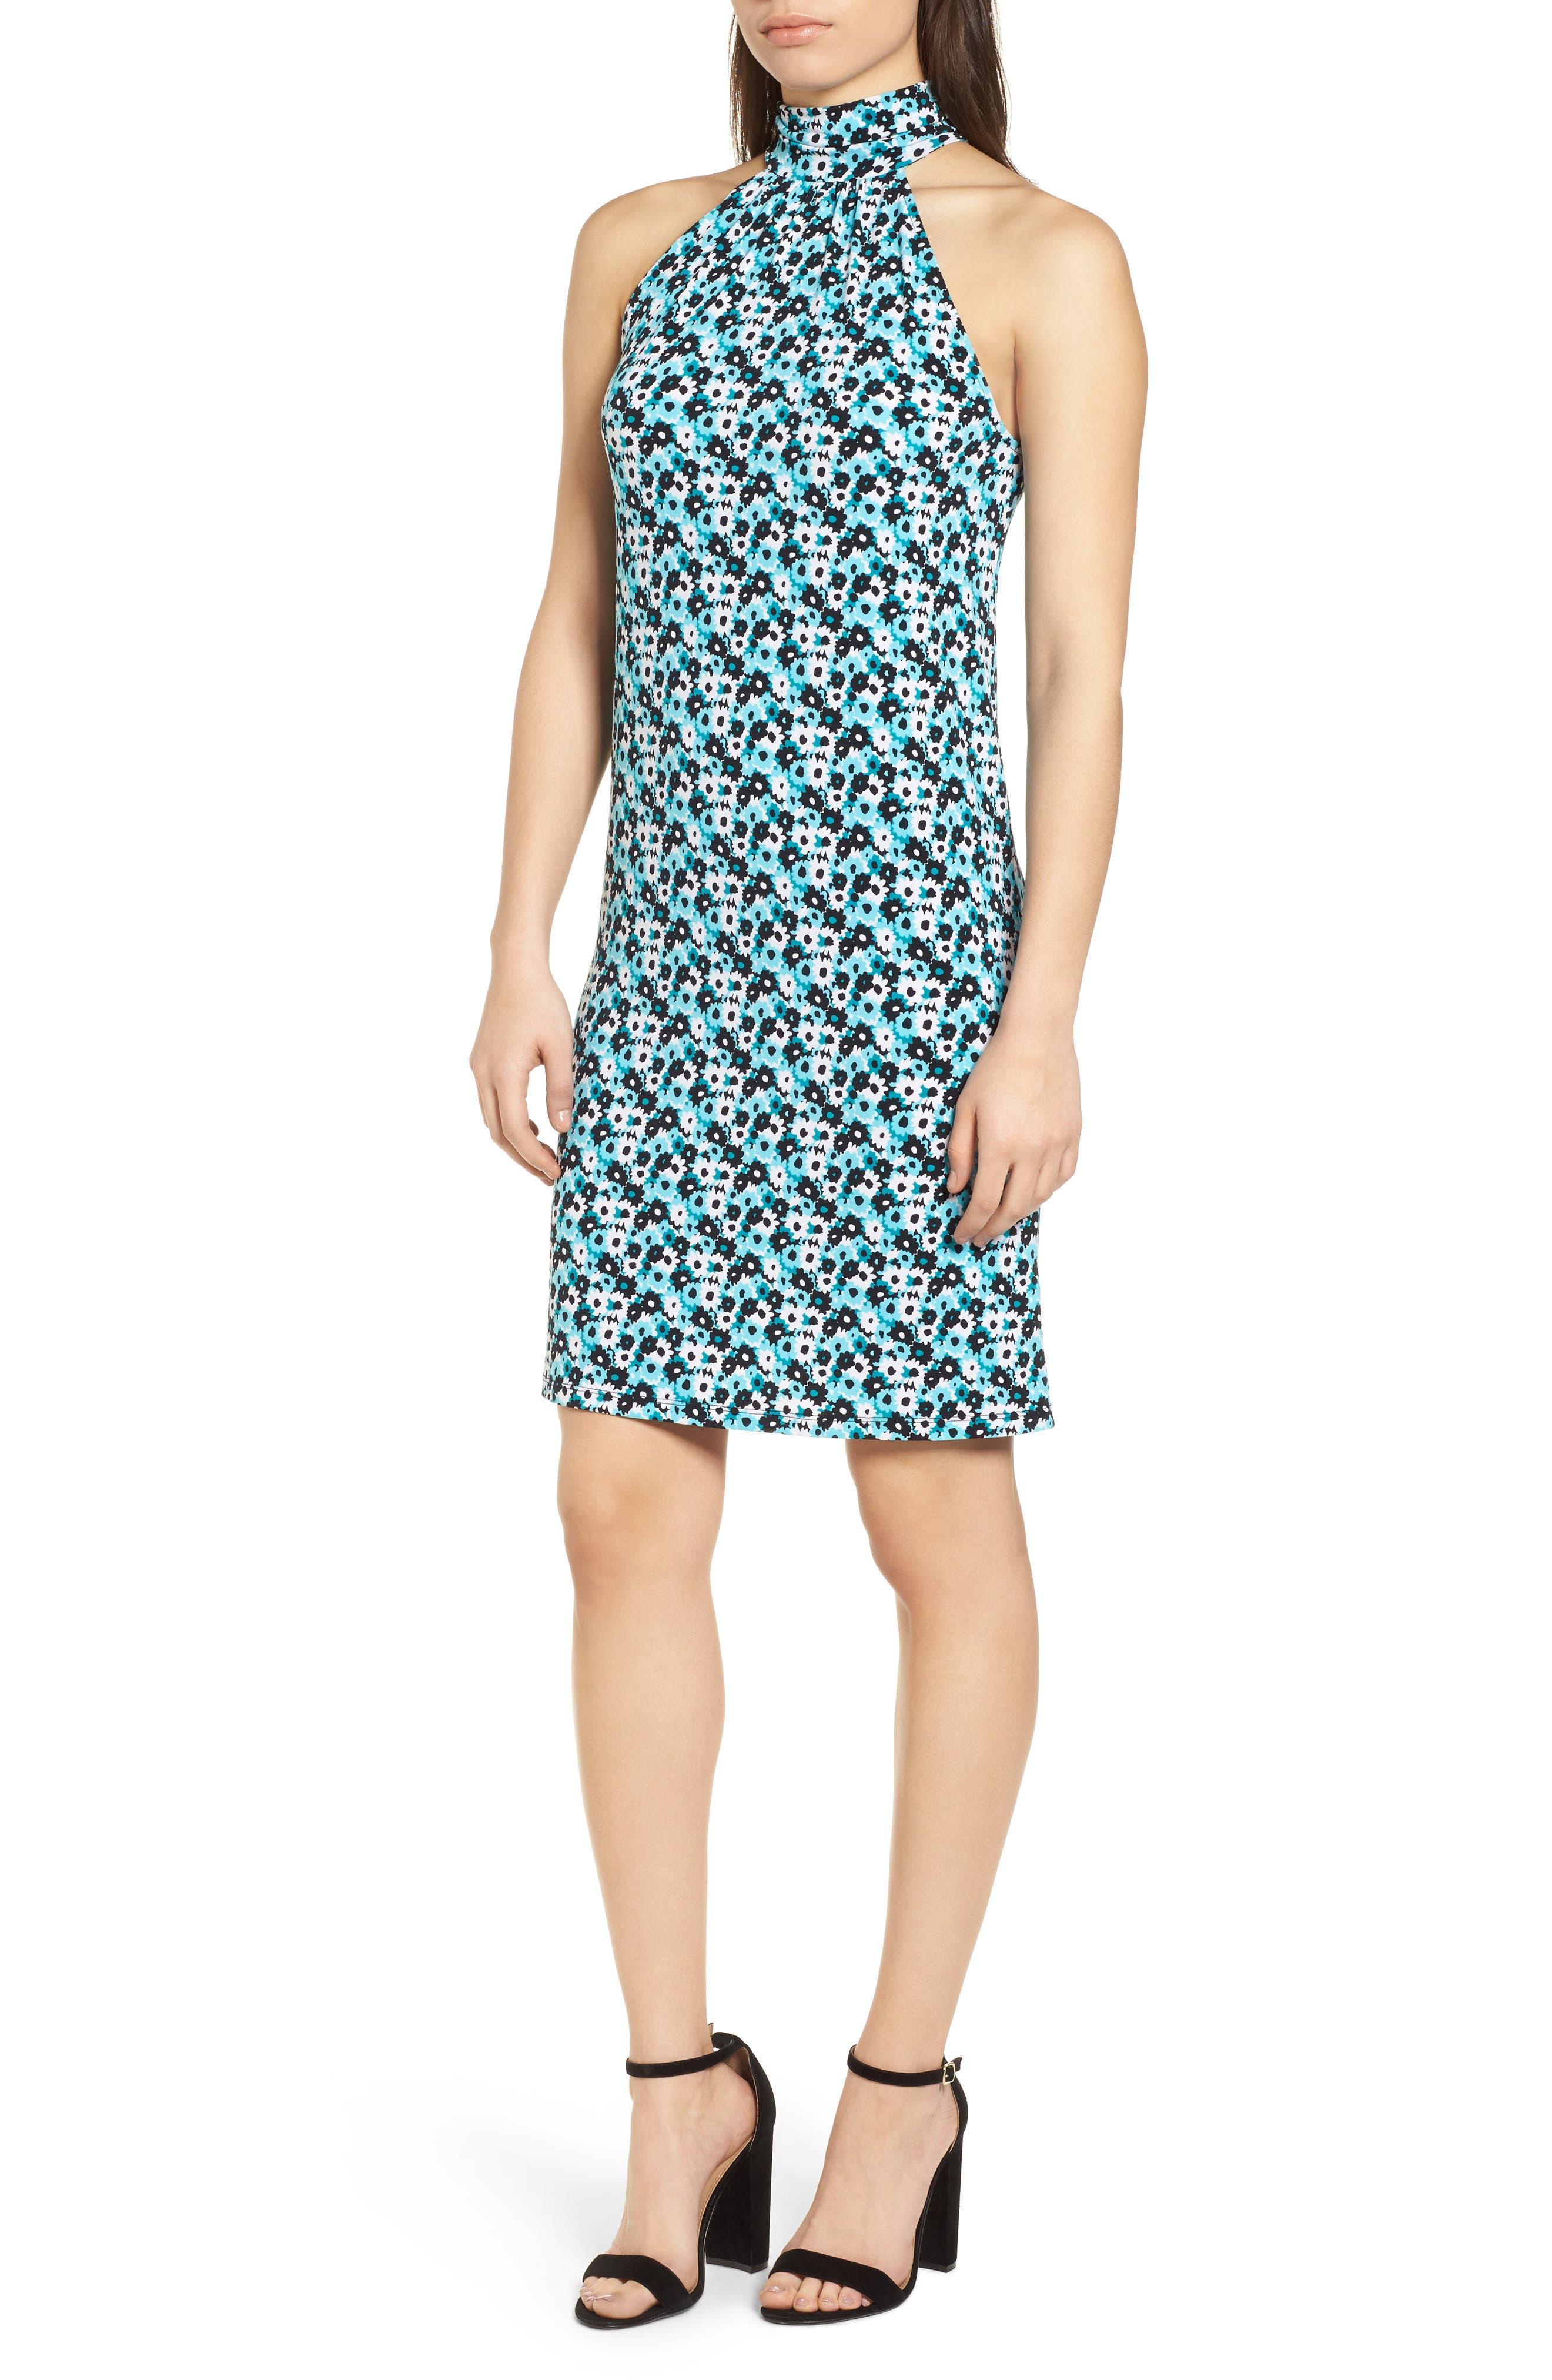 Carnation Sleeveless Dress,                         Main,                         color, Tile Blue/ Black Multi